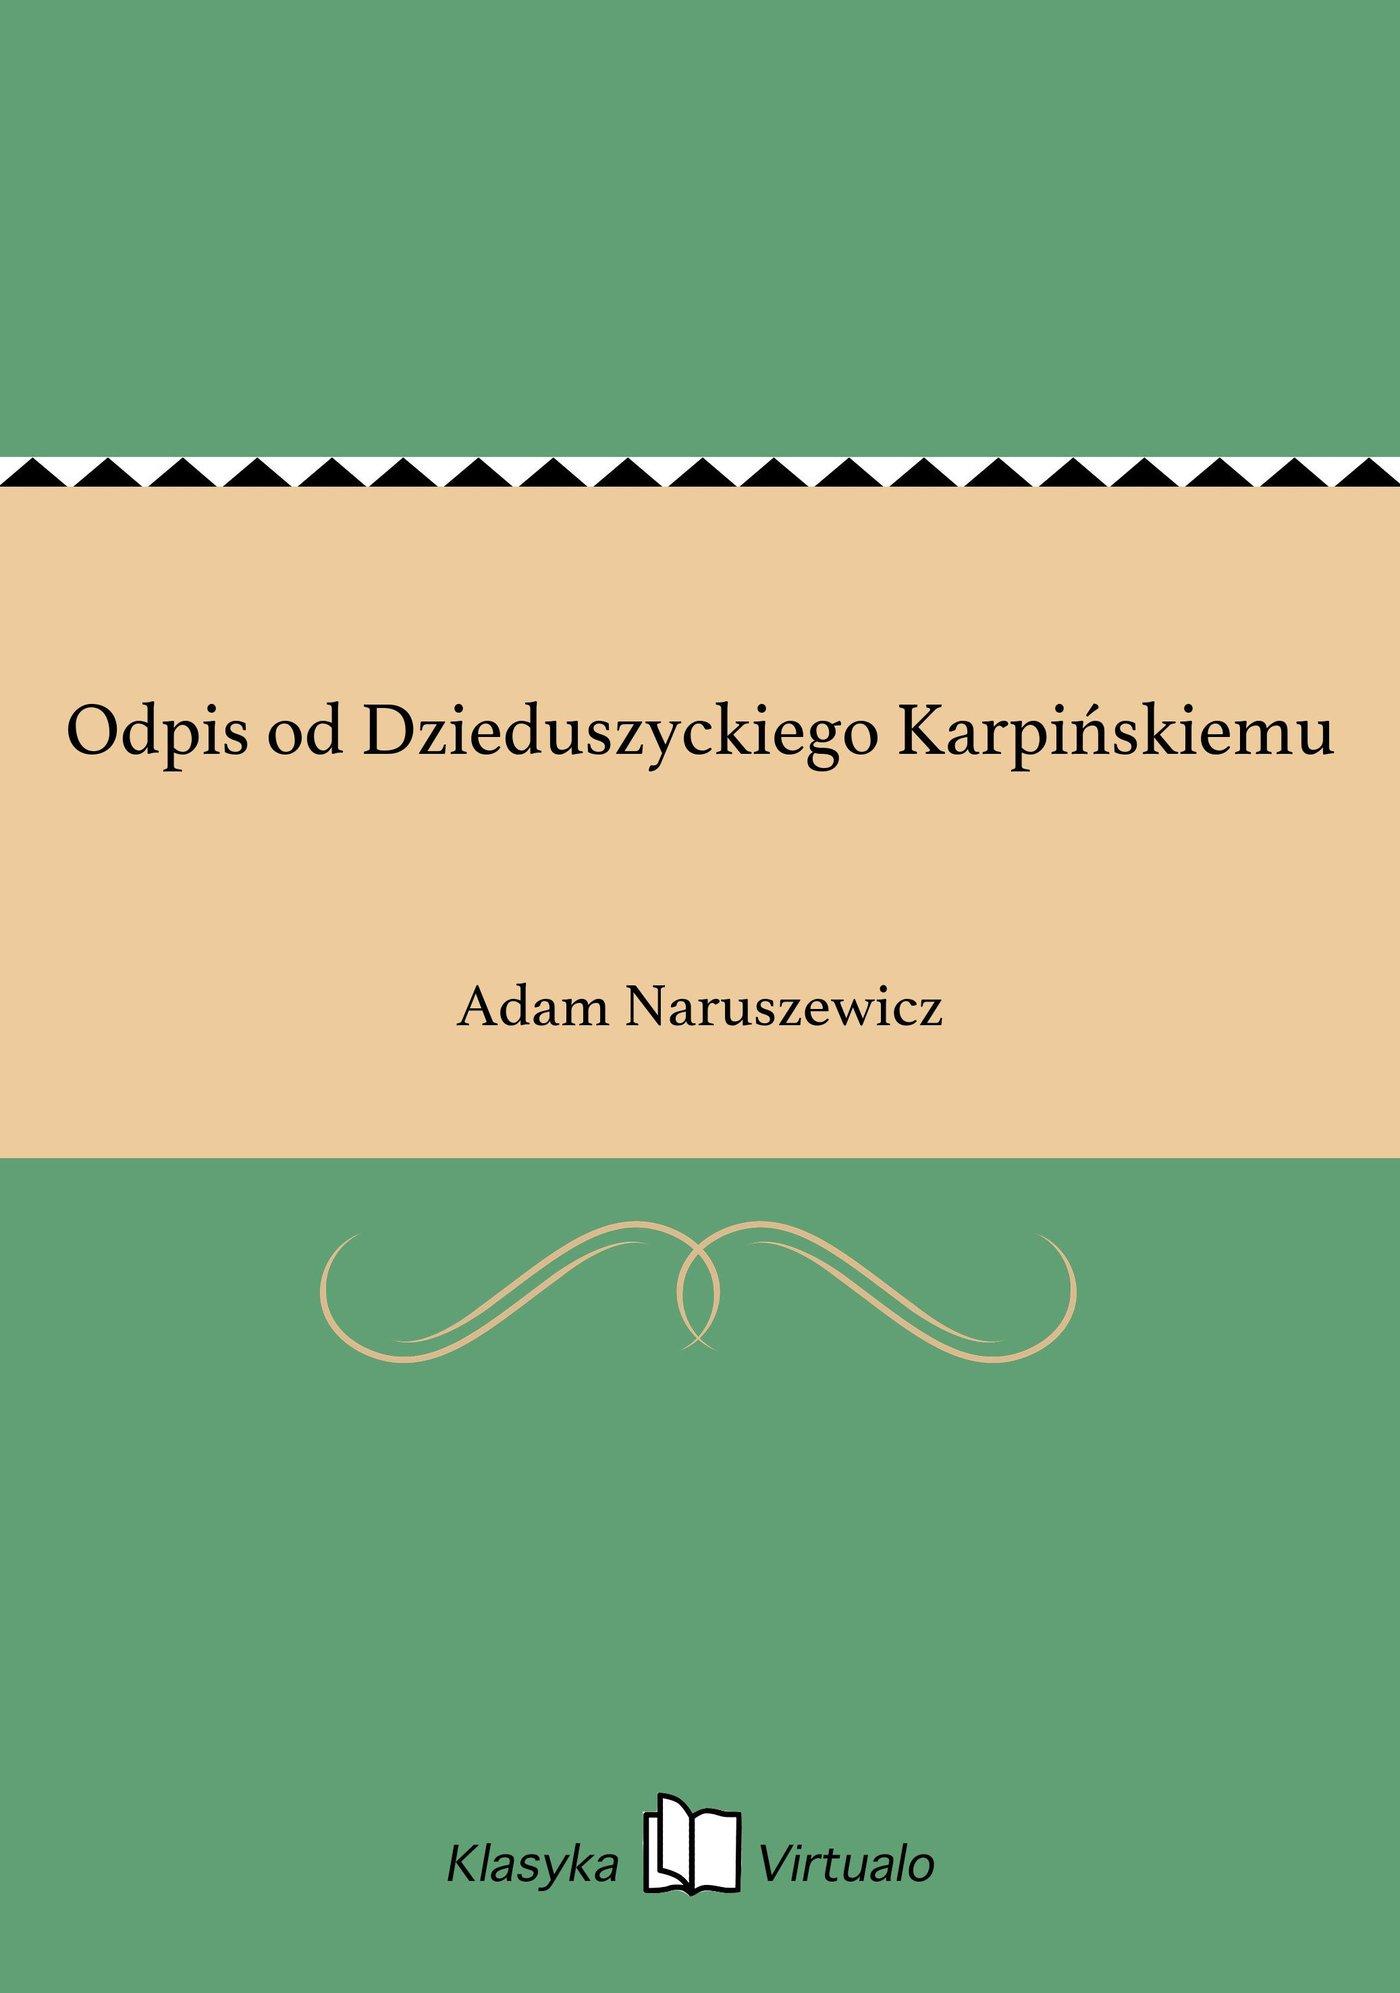 Odpis od Dzieduszyckiego Karpińskiemu - Ebook (Książka na Kindle) do pobrania w formacie MOBI